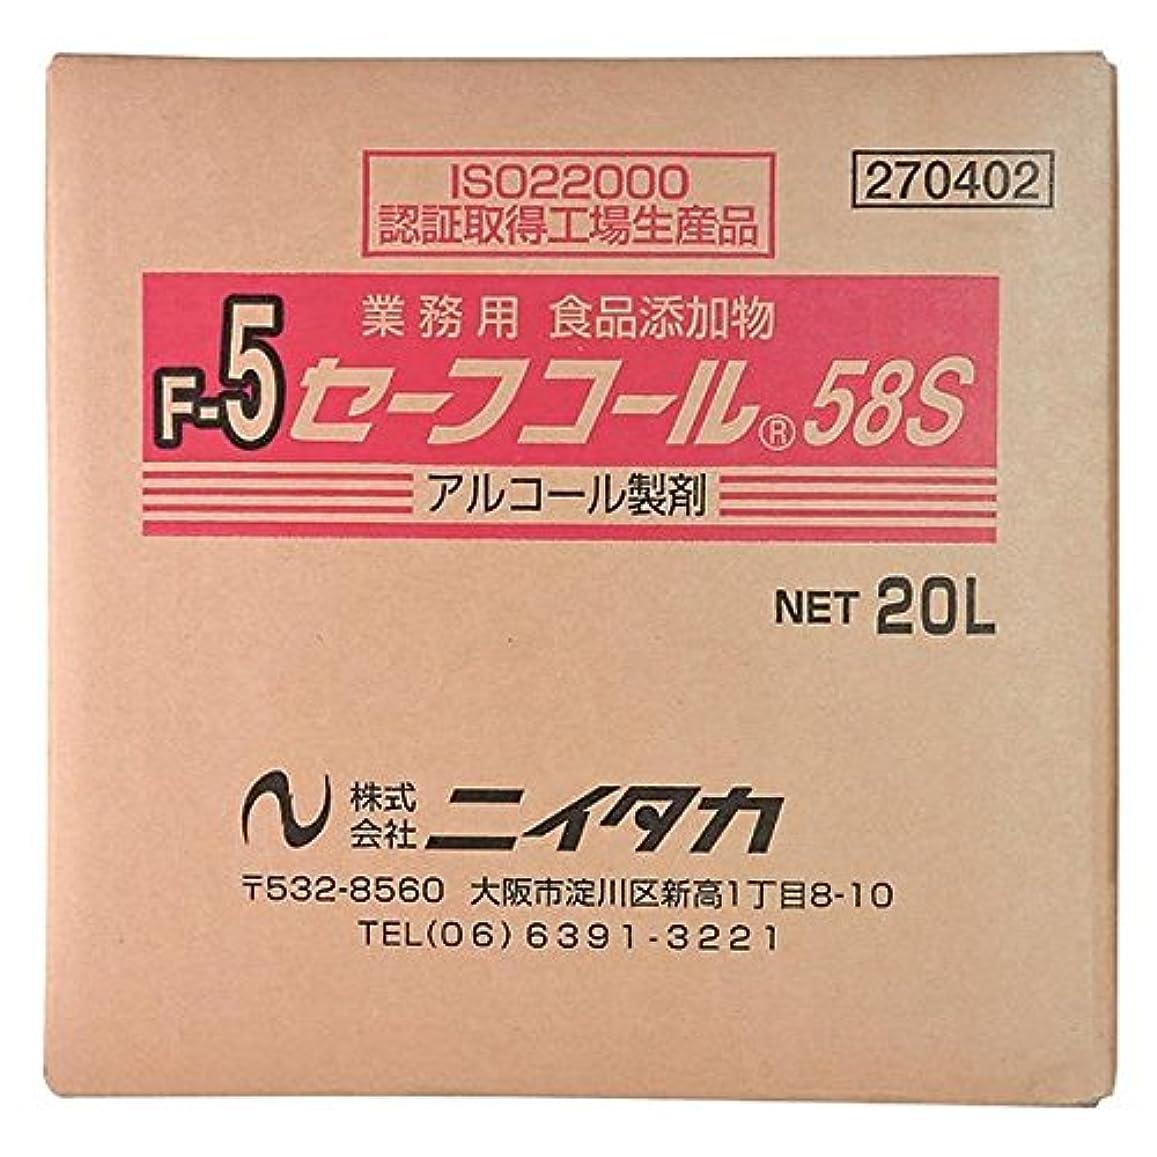 ロゴ汚染された契約するニイタカ:セーフコール58S(F-5) 20L(BIB) 270402